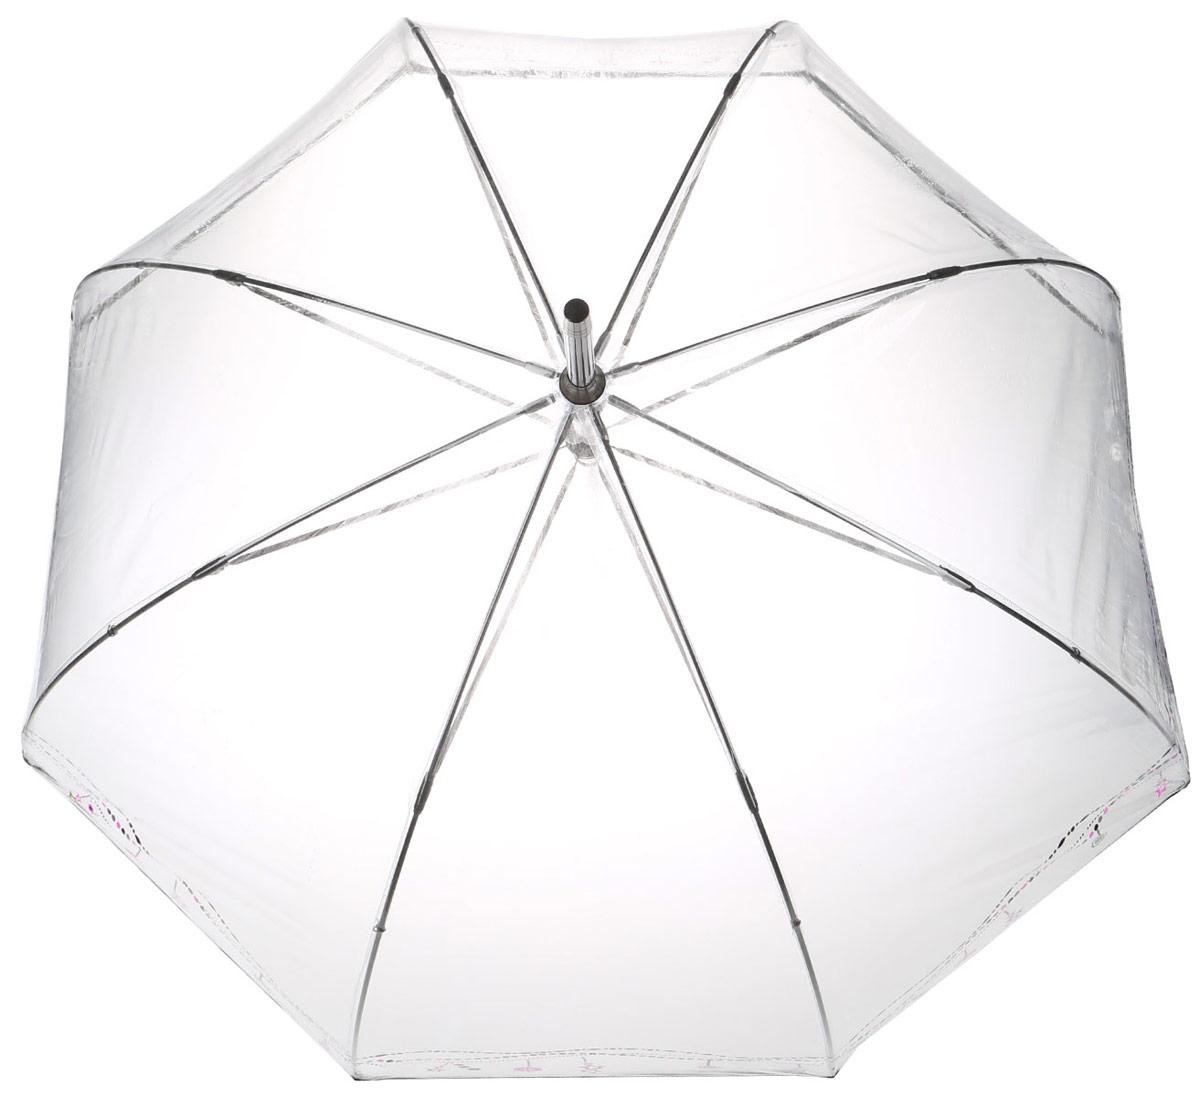 Зонт-трость женский Isotoner, механический, цвет: прозрачный, серый, черный, фуксия. 09309-475109309-4751_капелькиОригинальный зонт-трость Isotoner оформлен абстрактным принтом символикой бренда. Каркас зонта содержит восемь спиц из алюминия и стеклопластика, а также дополнен удобной рукояткой. Механический зонт открывается и складывается вручную. Купол зонта выполнен из прозрачного поливинилхлорида. Стильный зонт - незаменимая вещь в гардеробе каждой модницы. Он не только надежно защитит от дождя, но и станет прекрасным дополнением к вашему образу.